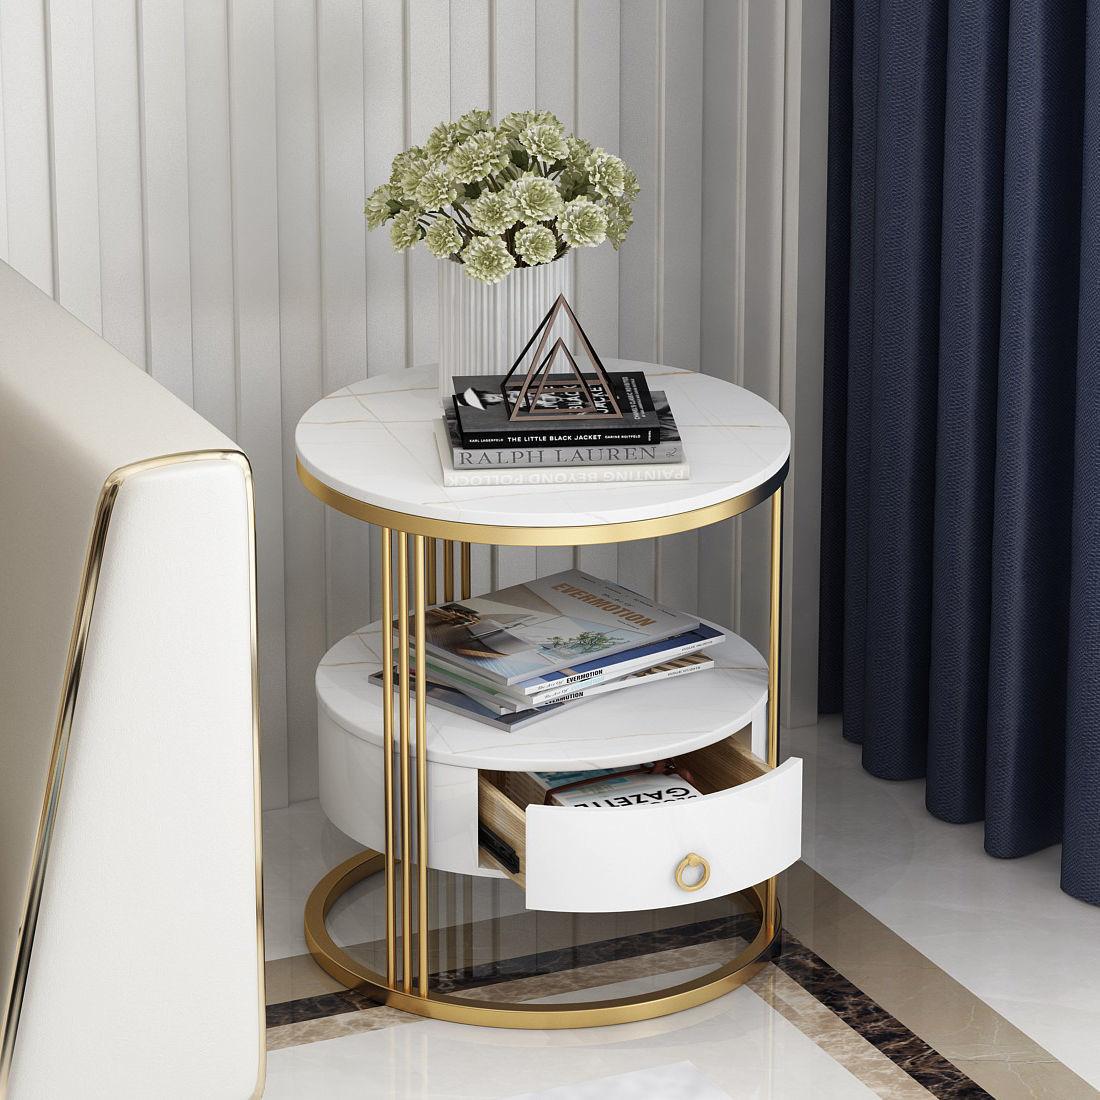 أريكة رخامية طاولة جانبية طبقتين مع درج خشب متين تخزين منضدة مستديرة طاولة قهوة لغرفة المعيشة أثاث منزلي